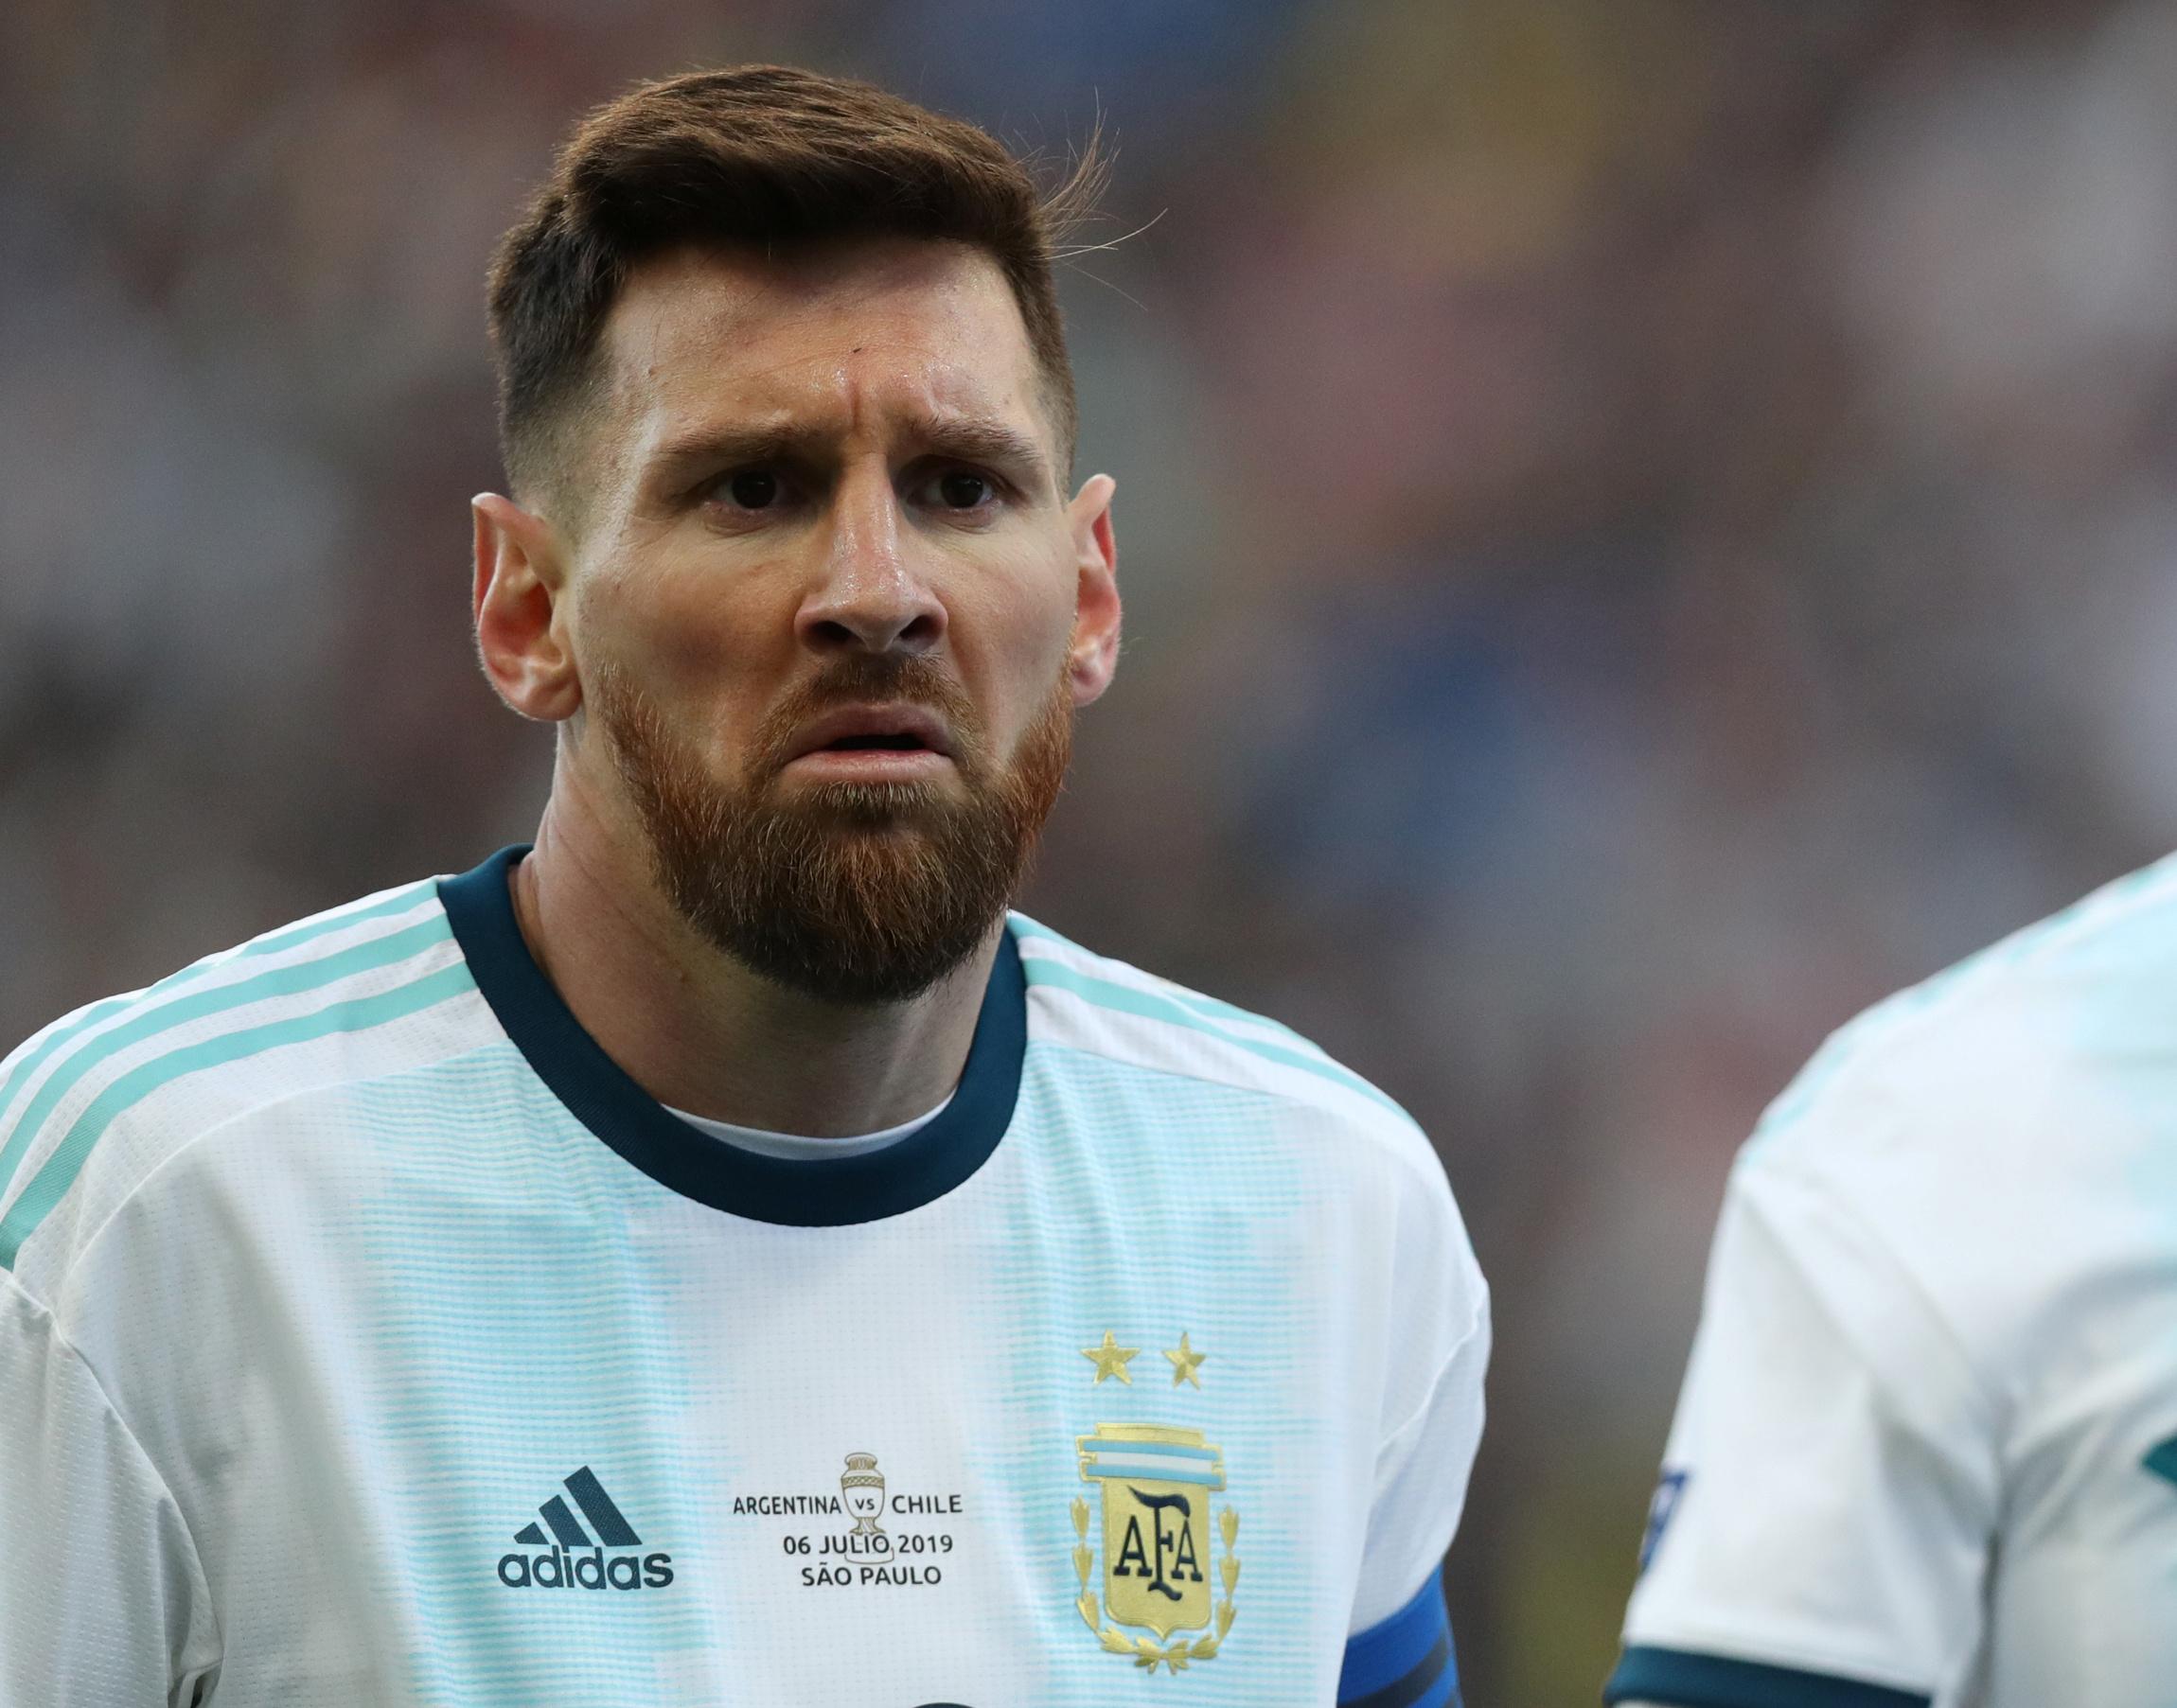 Μέσι: Αντιμέτωπος με τιμωρία – σοκ ο Αργεντινός!